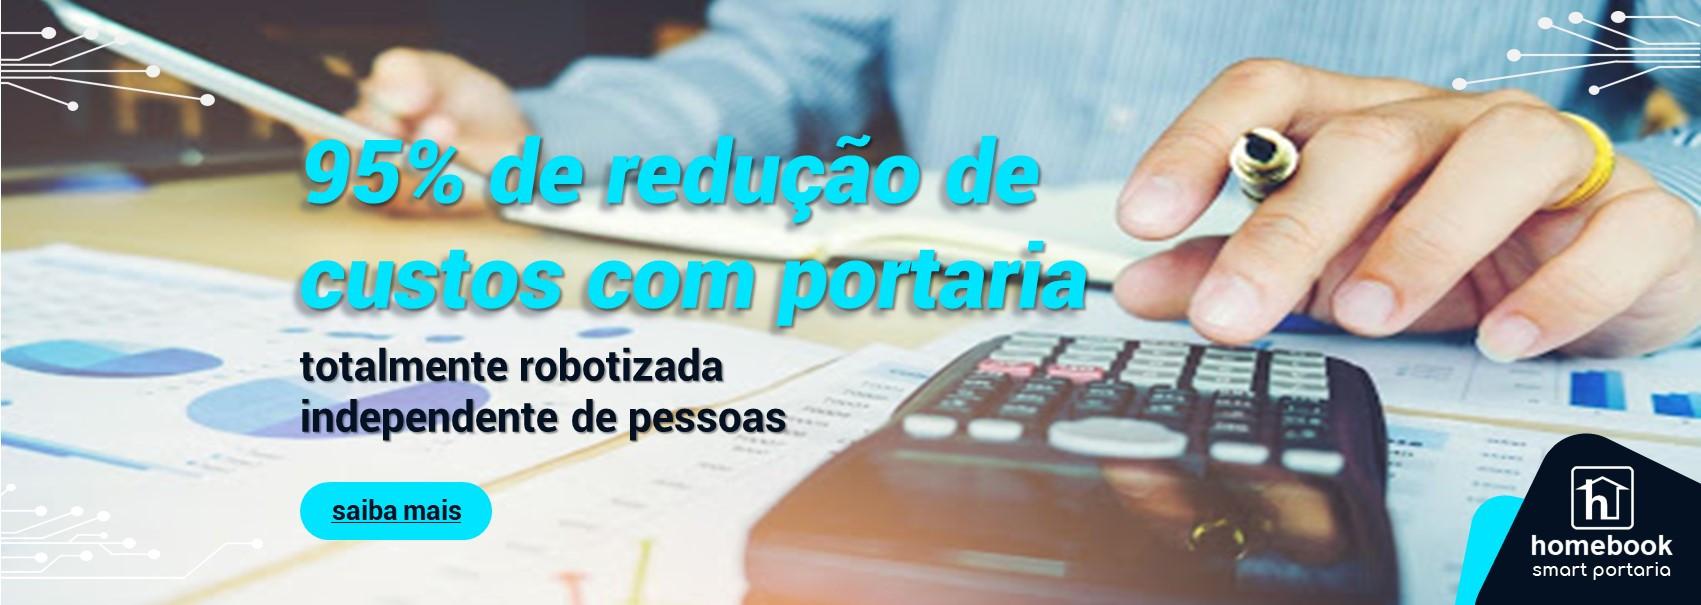 Homebook-Portaria-Remota-Robotizada-Reducao-95%-custos-com-portaria